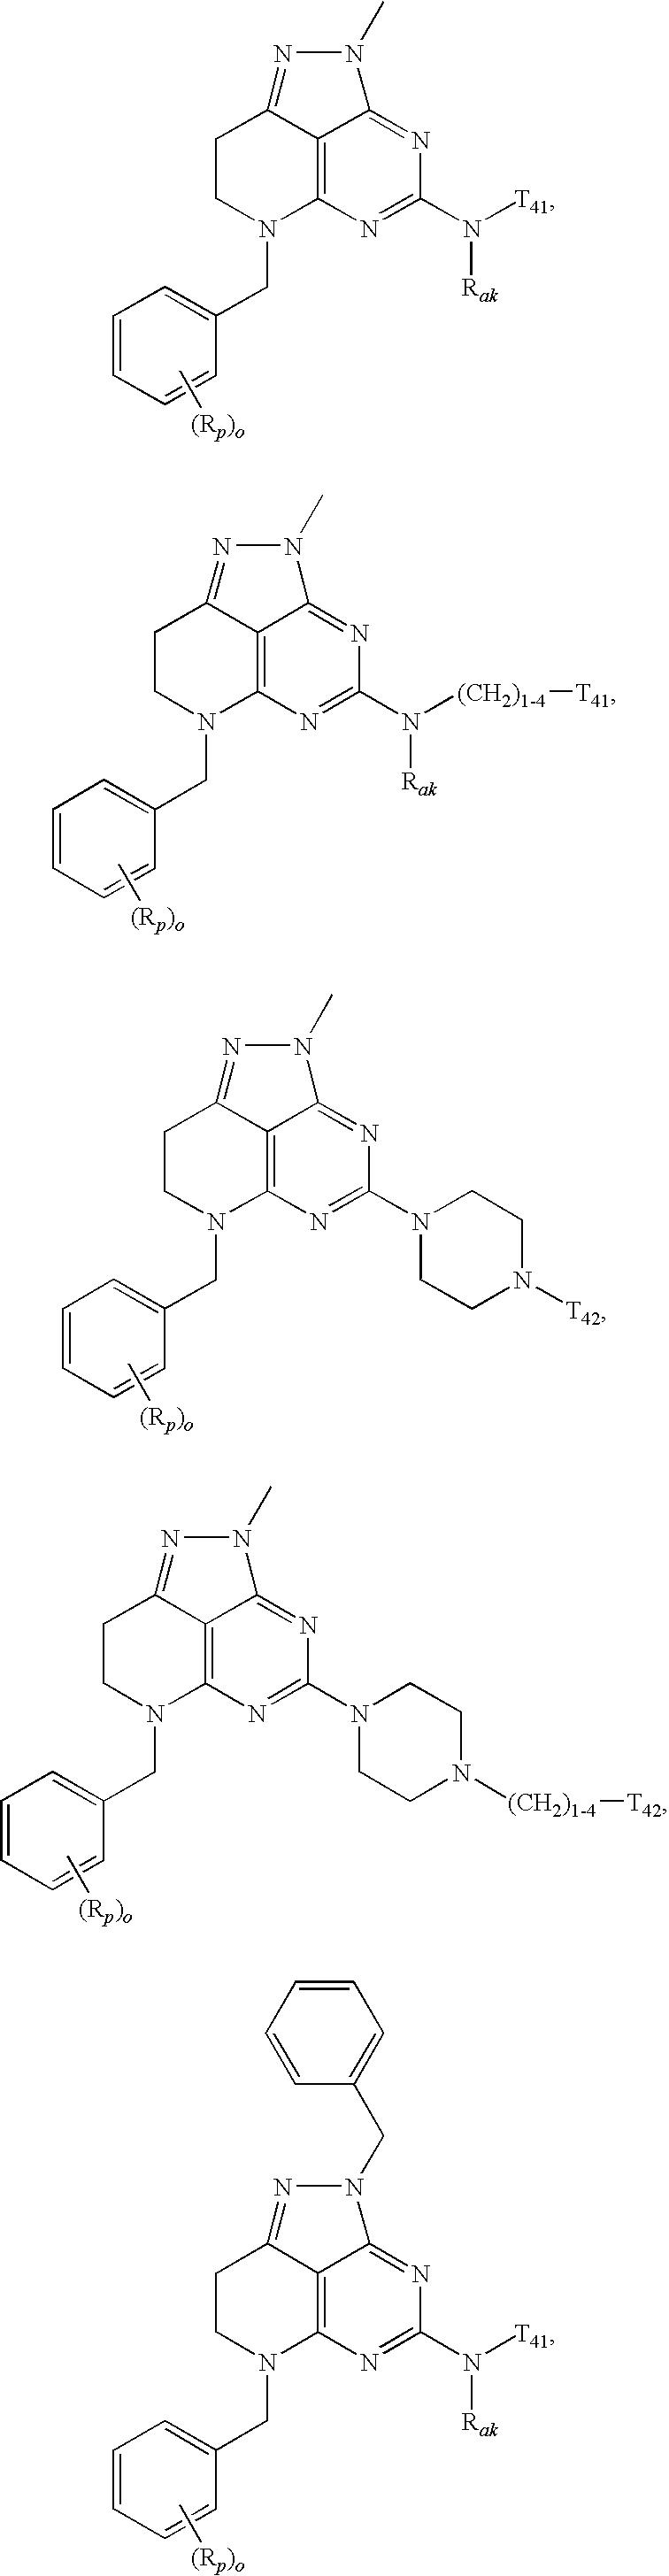 Figure US08343983-20130101-C00009